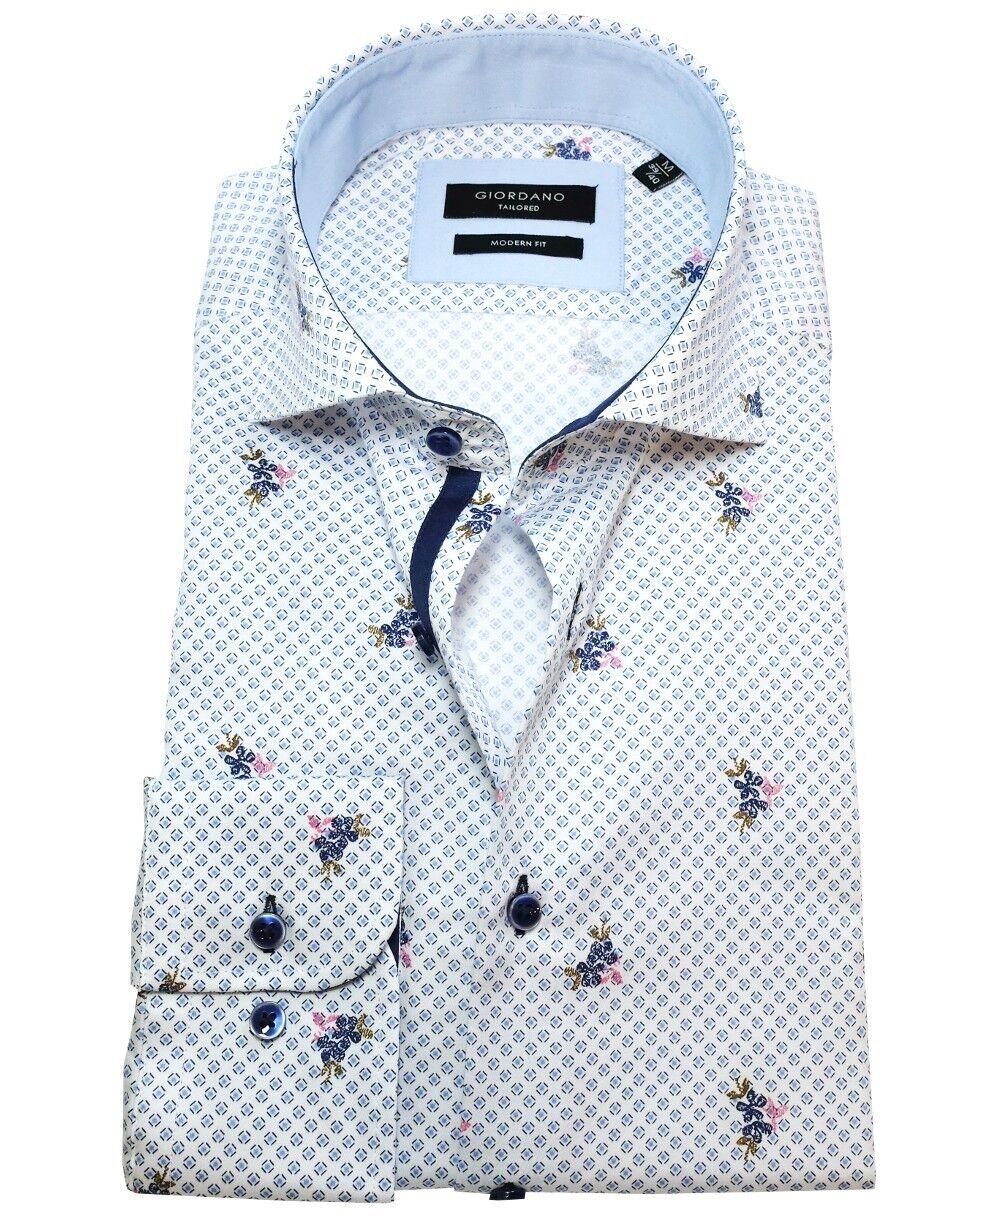 Giordano Langarmhemd Modern Fit Minidessin mit Blüten weiss blue Gr. M bis XXL